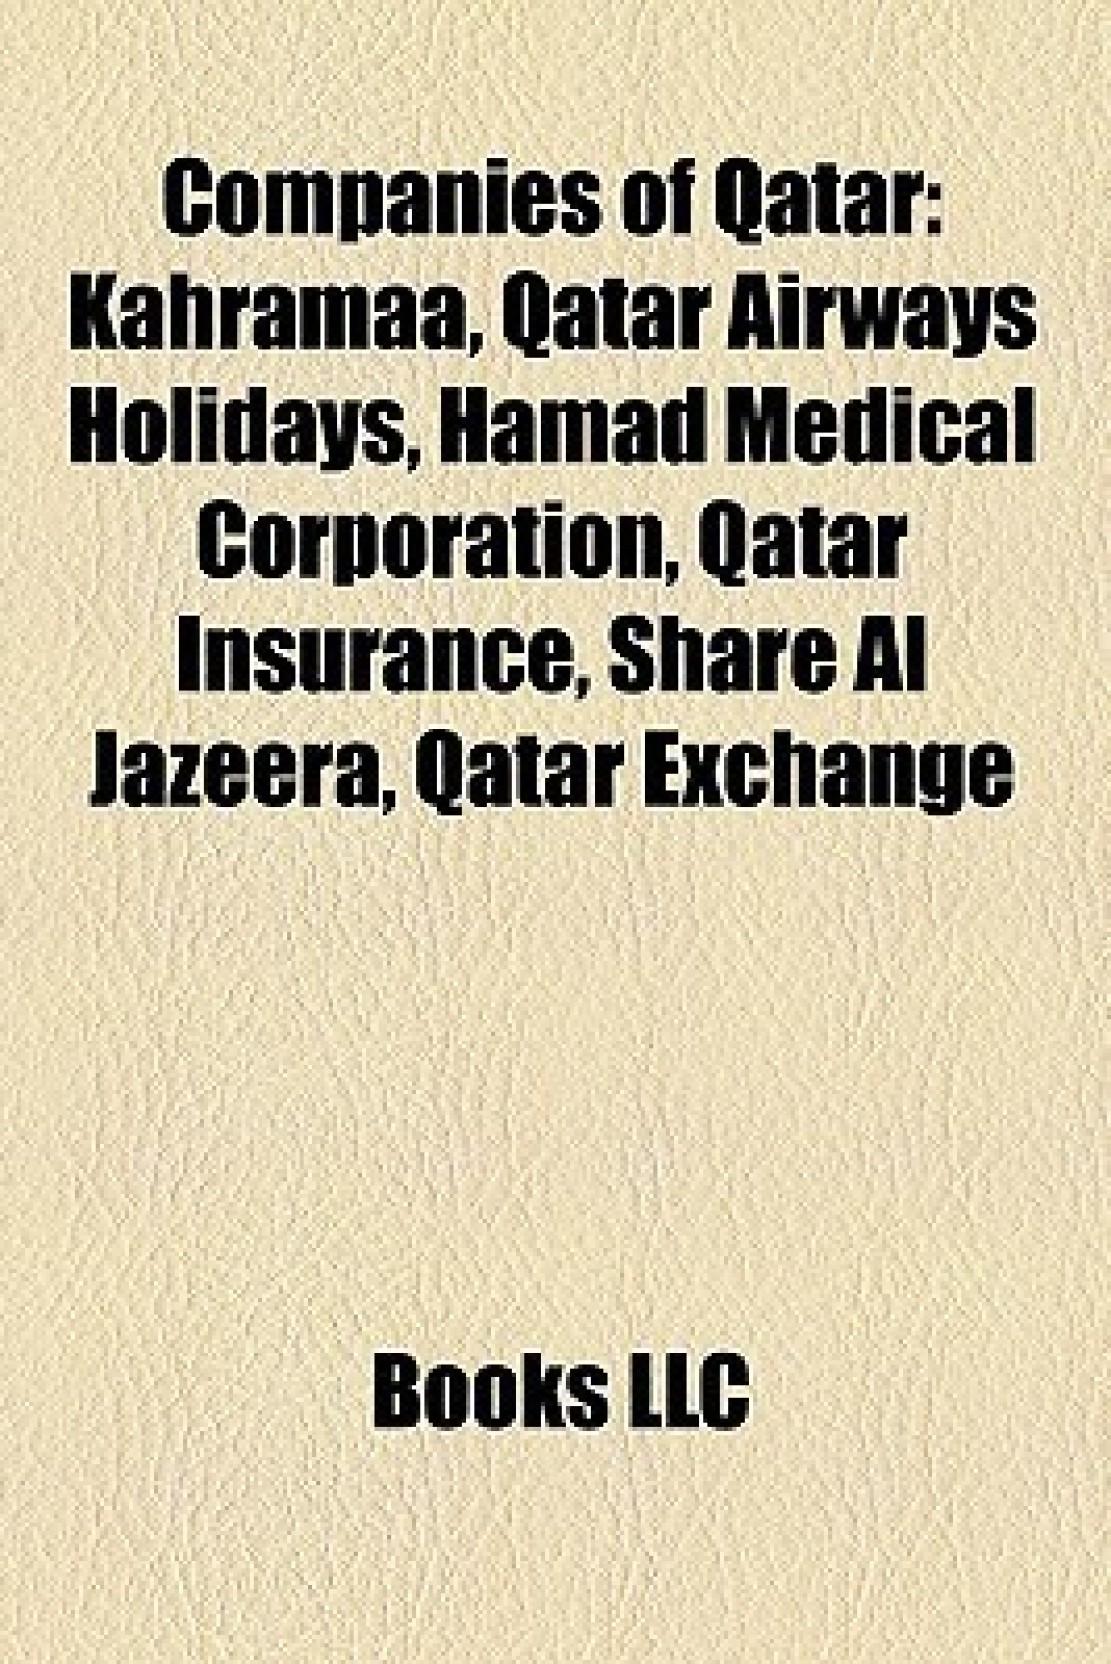 Companies of Qatar: Kahramaa, Qatar Airways Holidays, Hamad Medical